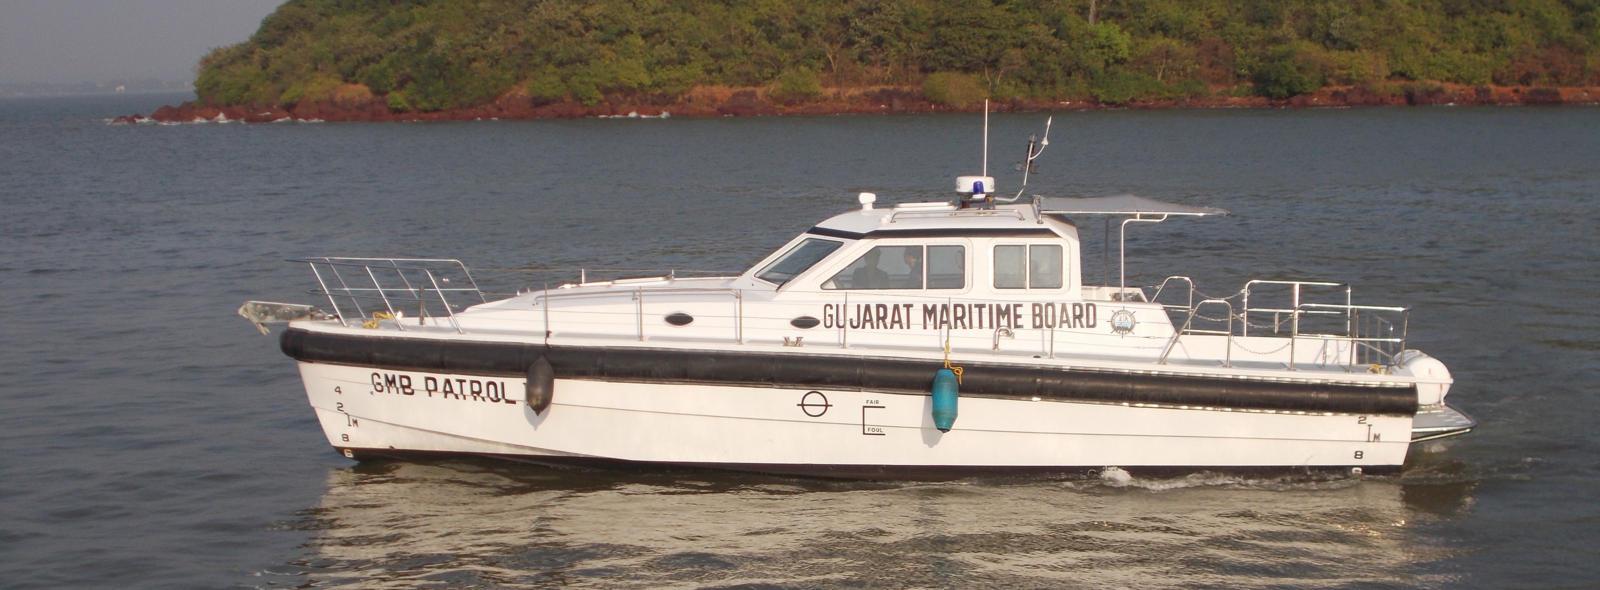 14 Meter Medium Speed Patrol Boat